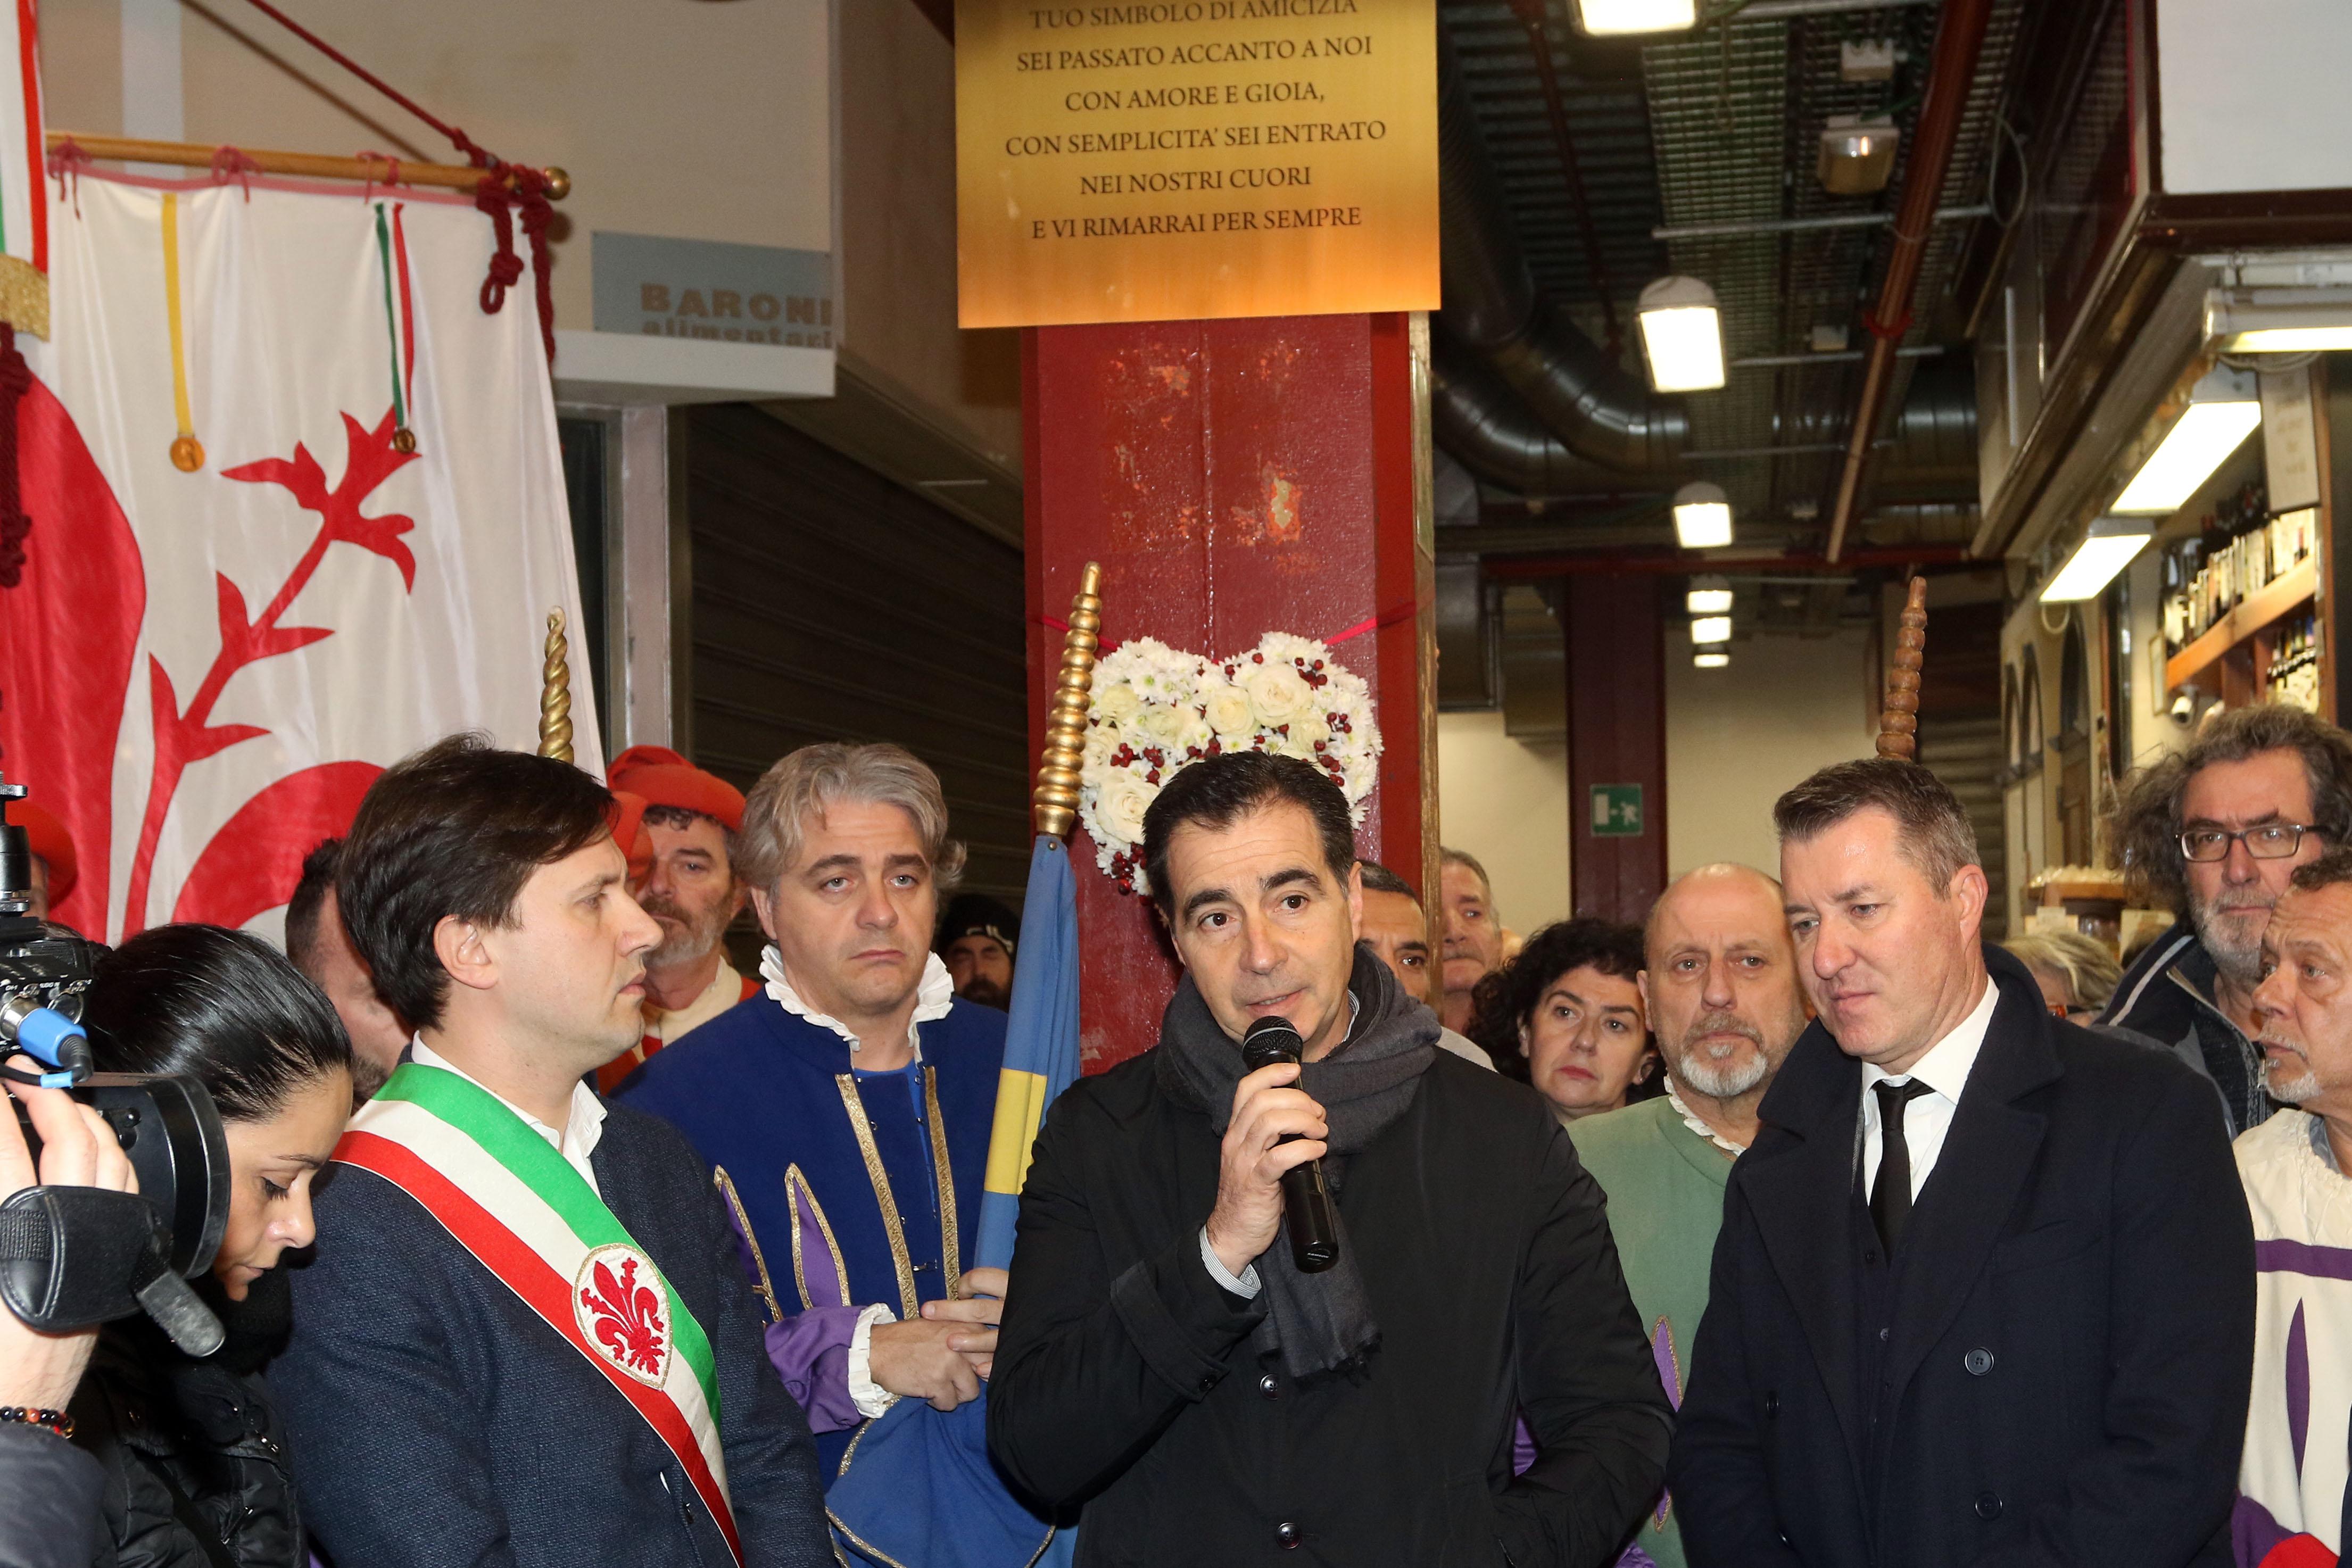 Targa in ricordo di Niccolò Ciatti al Mercato di San Lorenzo